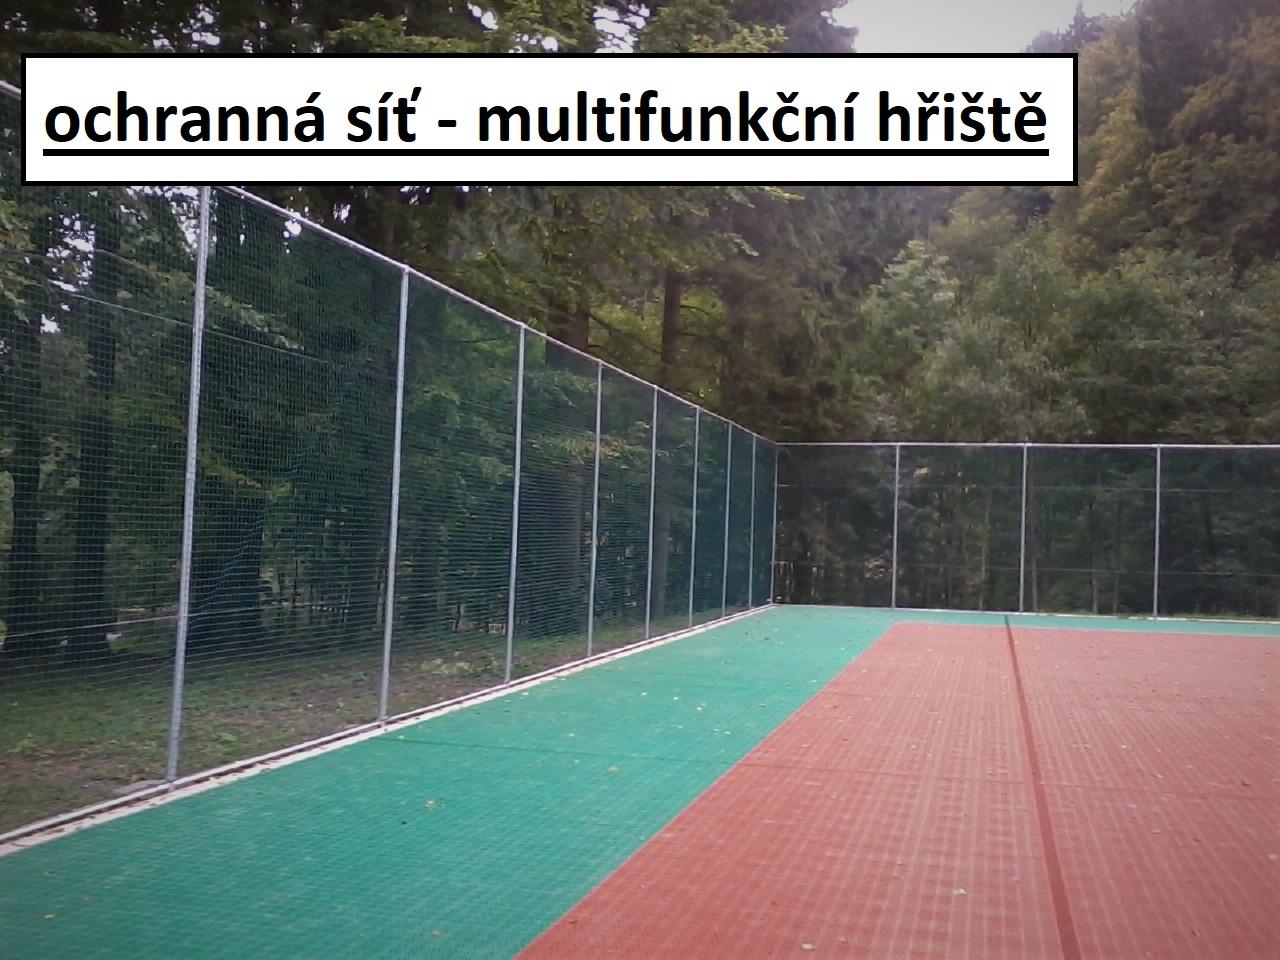 ochranná síť - multifunkční hřiště